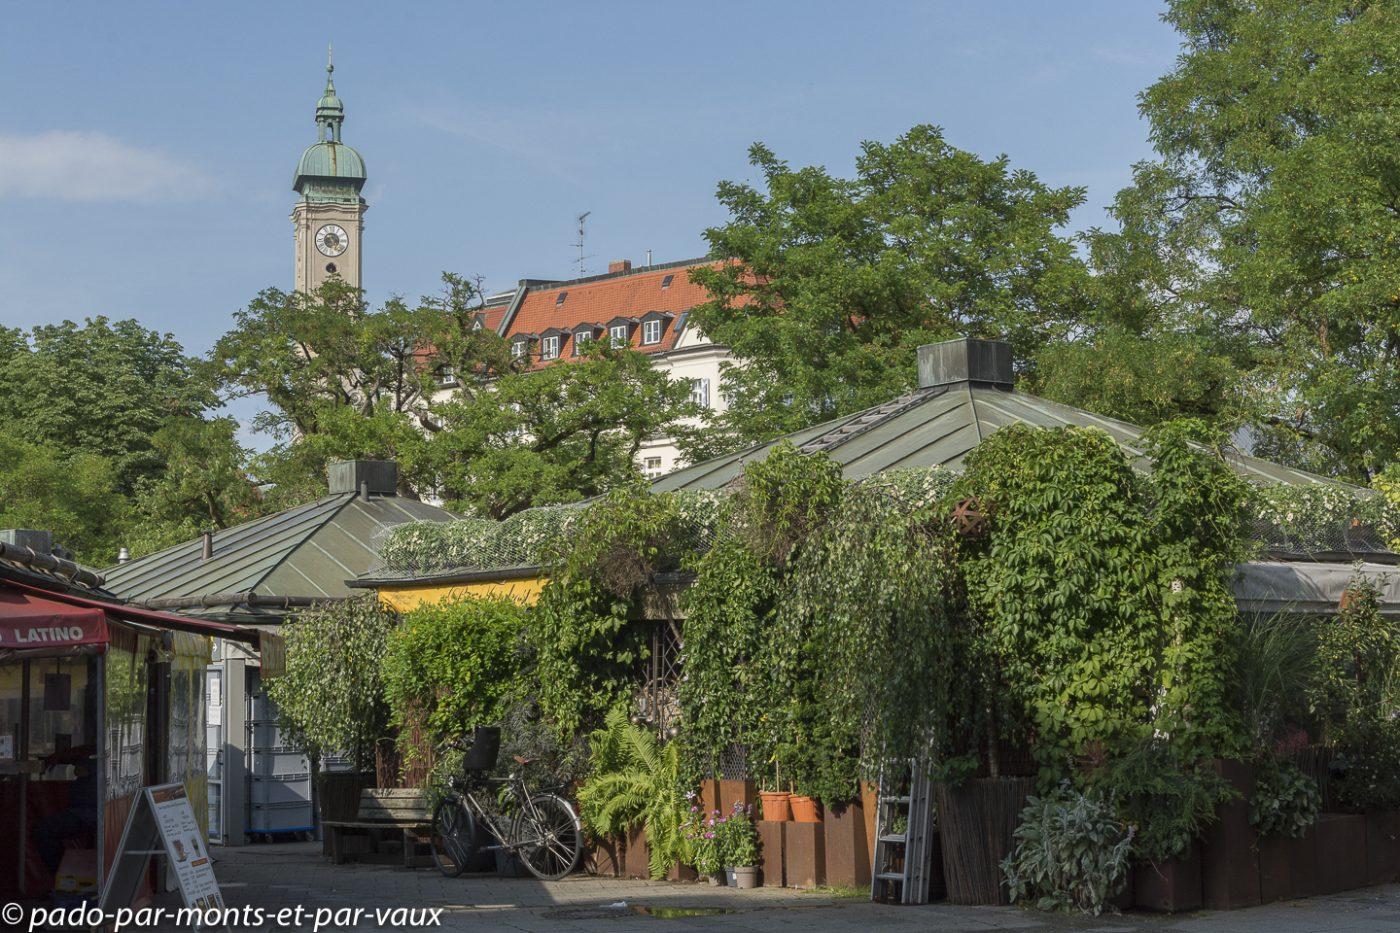 Munich - Place du marché